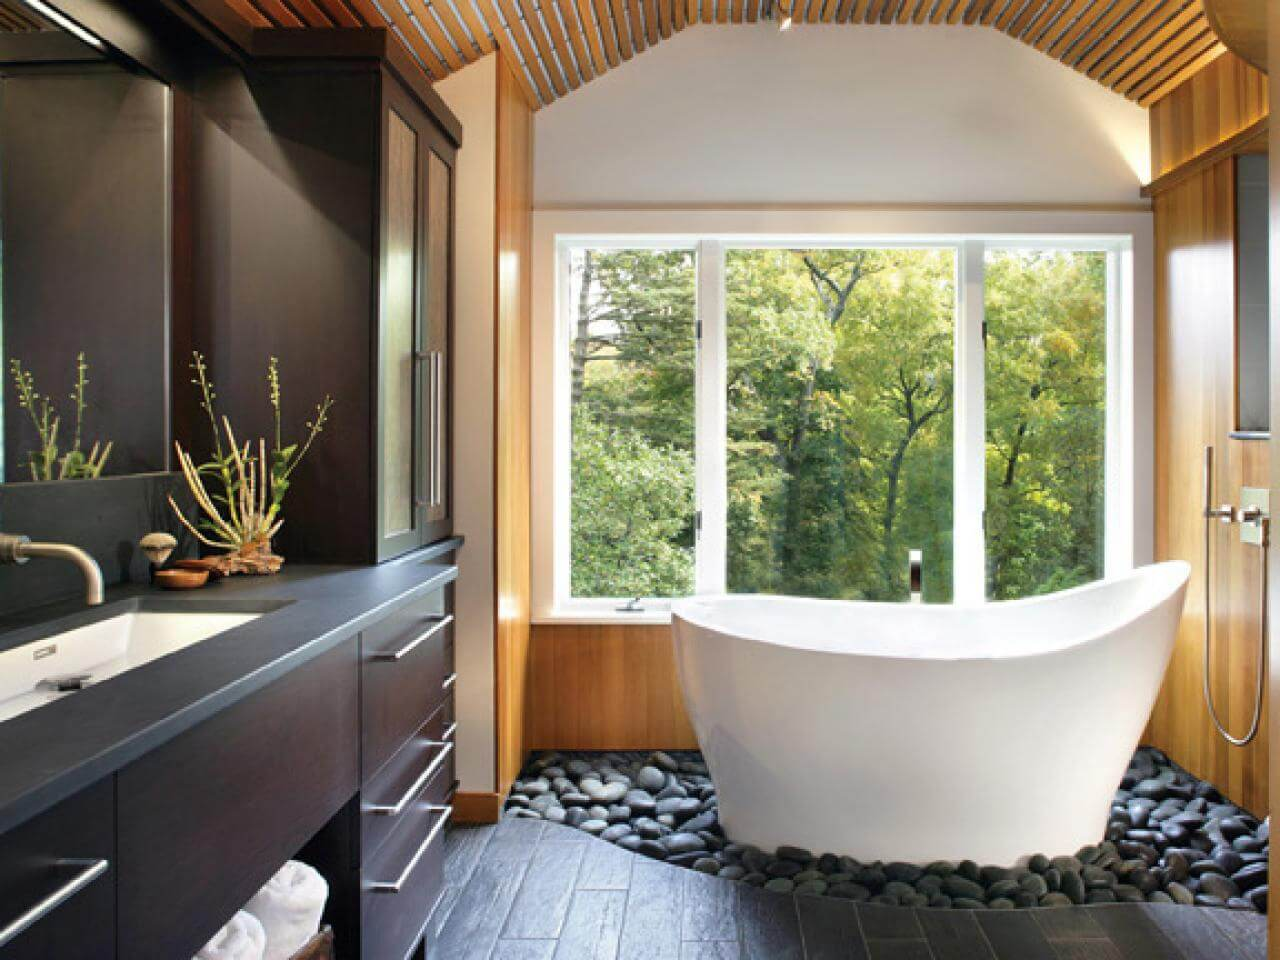 Design Your Bathroom- Step 6- Building The Bath-Ready-Set-Remodel (HGTV.com)